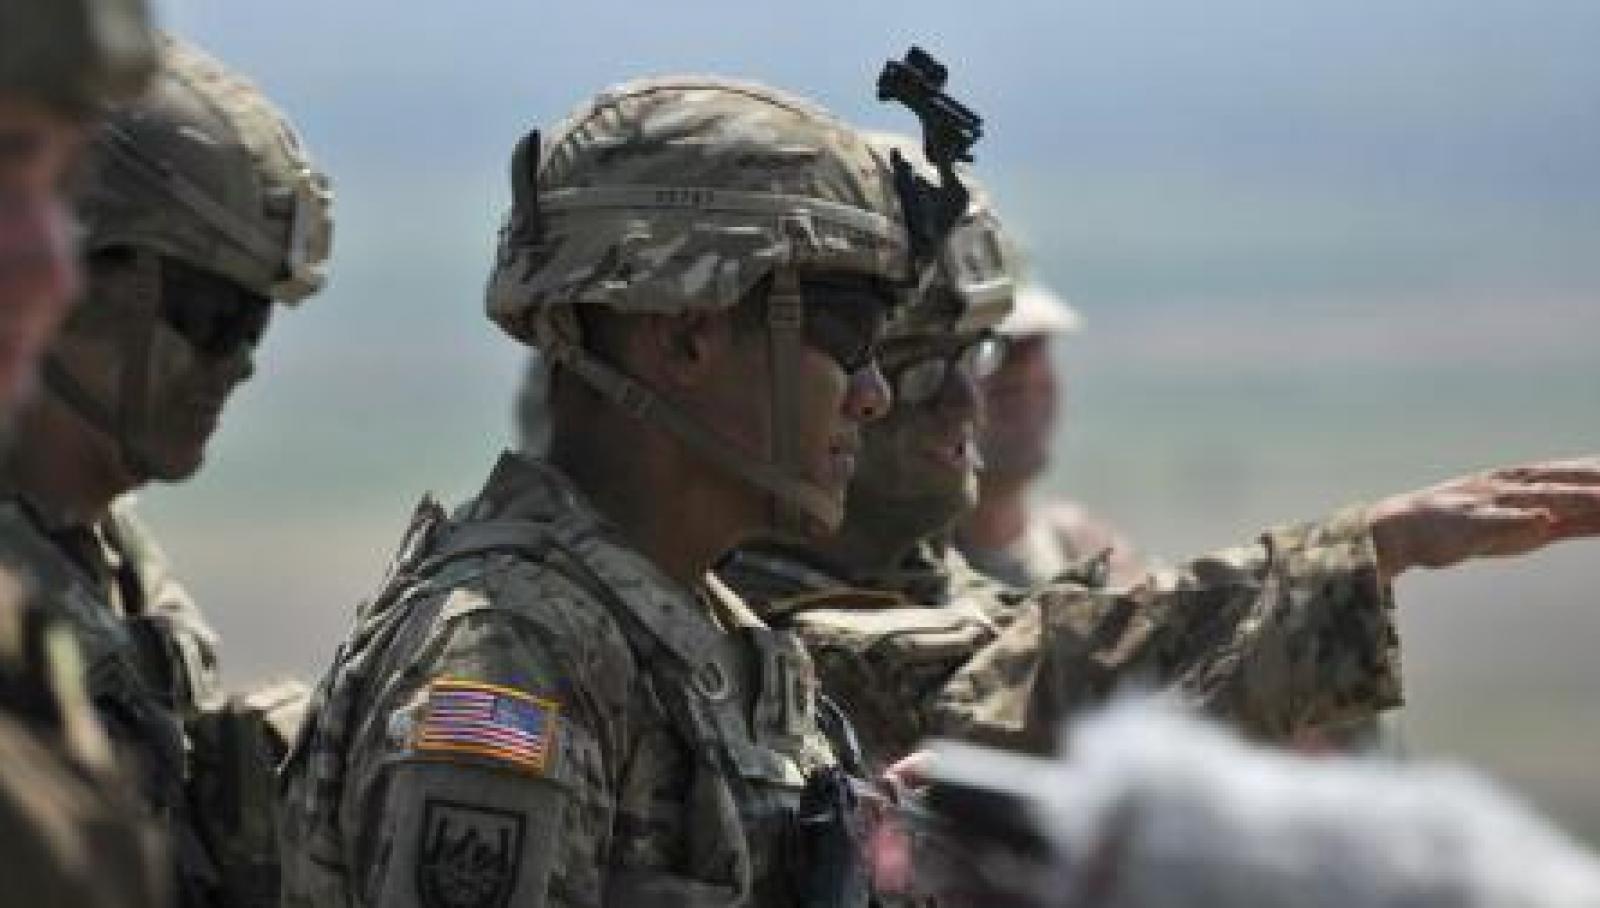 SUA recunoaște că au 2.000 de militari în Siria, de patru ori mai mult decât anunțase Departamentul de Stat